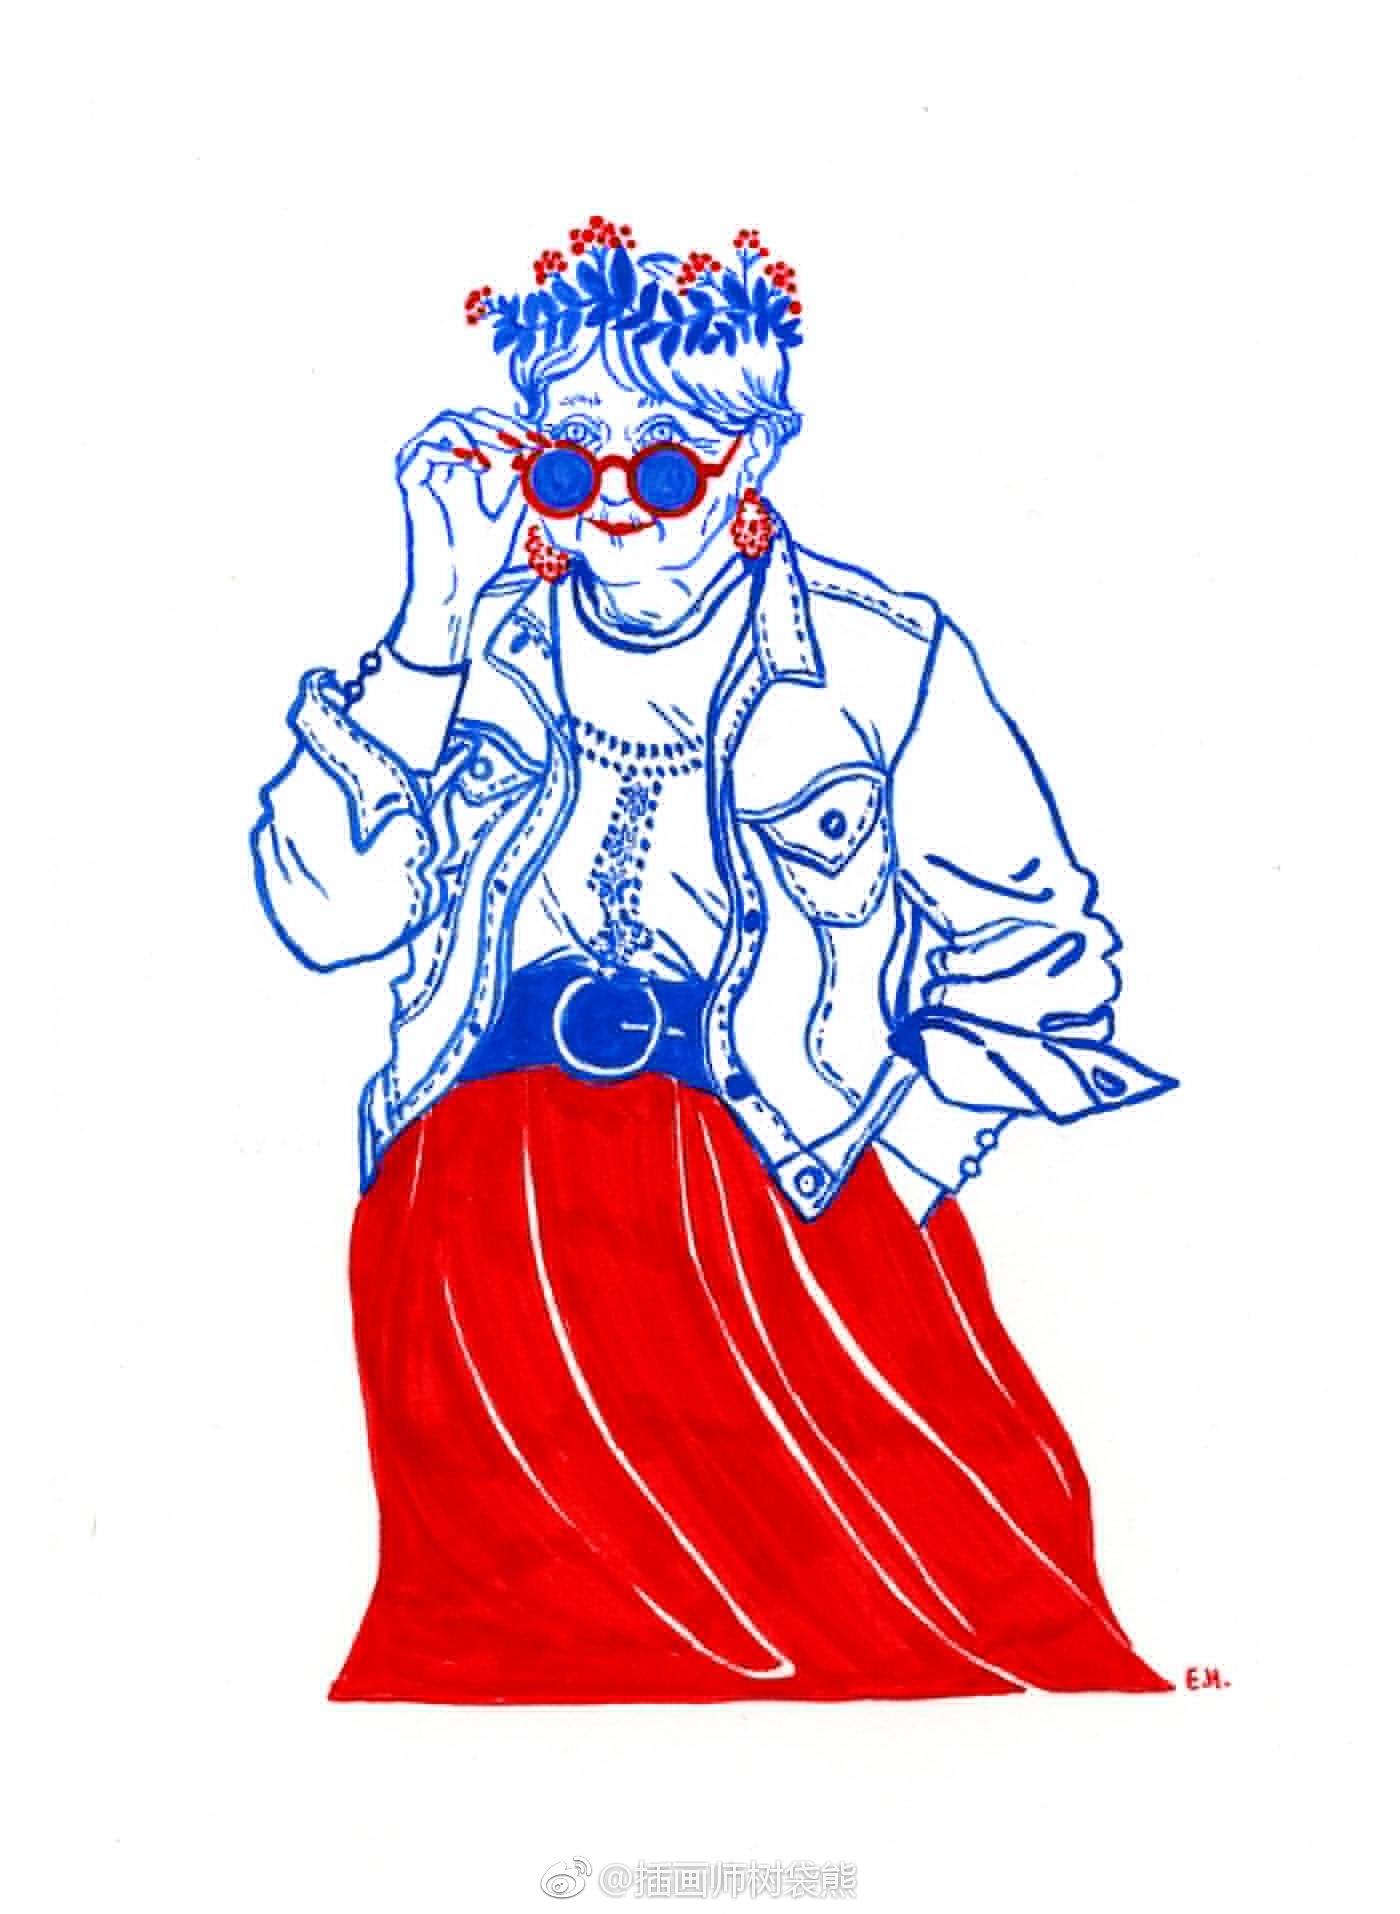 法国插图片EloseHeinzer红蓝色记忆插画v图片范丞丞画师漫画图片图片